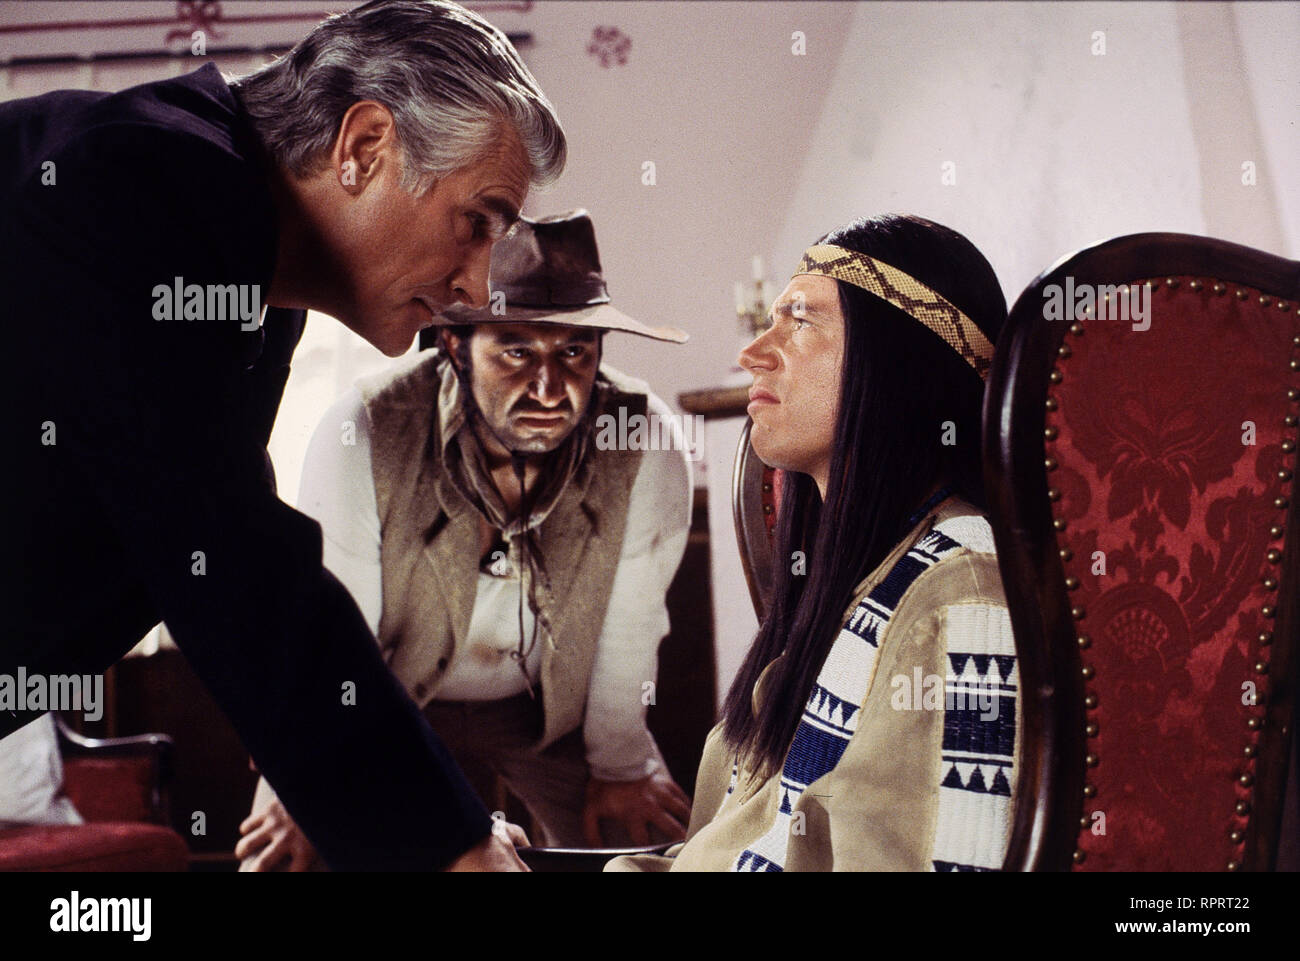 DER SCHUH DES MANITU / D 2001 / Michael 'Bully' Herbig Der Apachenhäuptling Abahachi und sein Blutsbruder Ranger sorgen im Wilden Westen für Frieden und Gerechtigkeit. Abahachi nimmt bei den Schoschonen einen Kredit zur Finanzierung eines Stamm-Lokals auf und damit beginnen die Schwierigkeiten. Der Gauner Santa Maria dreht ihm eine Schrottfassade an, brennt mit dem Geld durch und schwärzt Abahachi und Ranger bei den Schoschonen an... Foto: Santa Maria (SKY DUMONT), sein Gehilfe Hombre (HILMI SOZER) und Abahachies Zwillingsbruder Winnetouch (MICHAEL 'BULLY' HERBIG) # / Überschrift: DER SCHUH DE Stock Photo